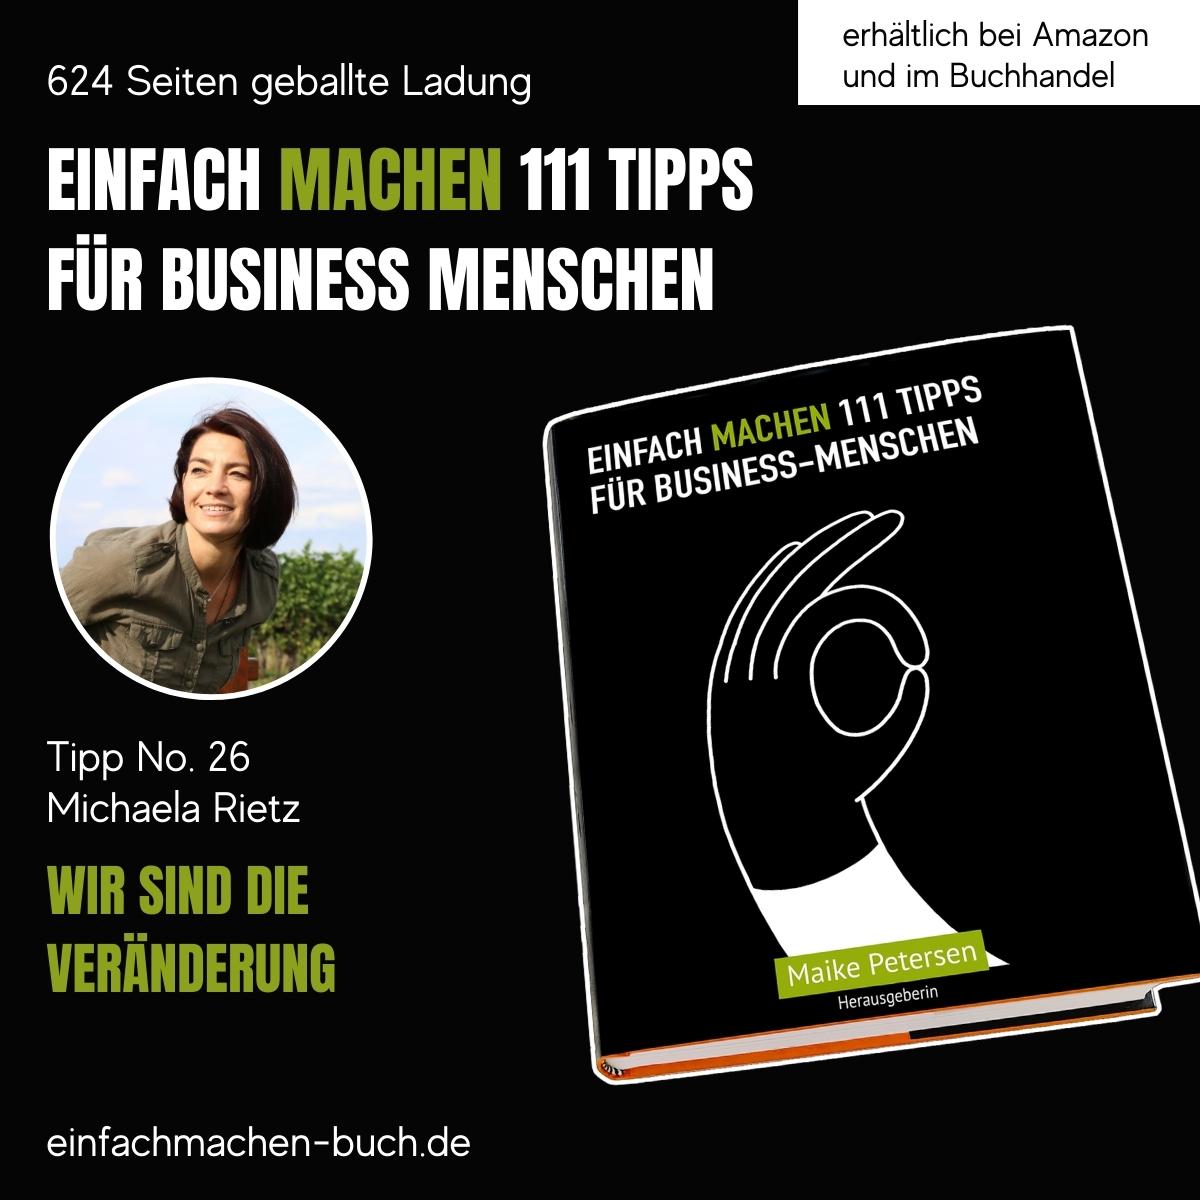 EINFACH MACHEN 111 TIPPS FÜR BUSINESS-MENSCHEN   Tipp No. 26 Michaela Rietz